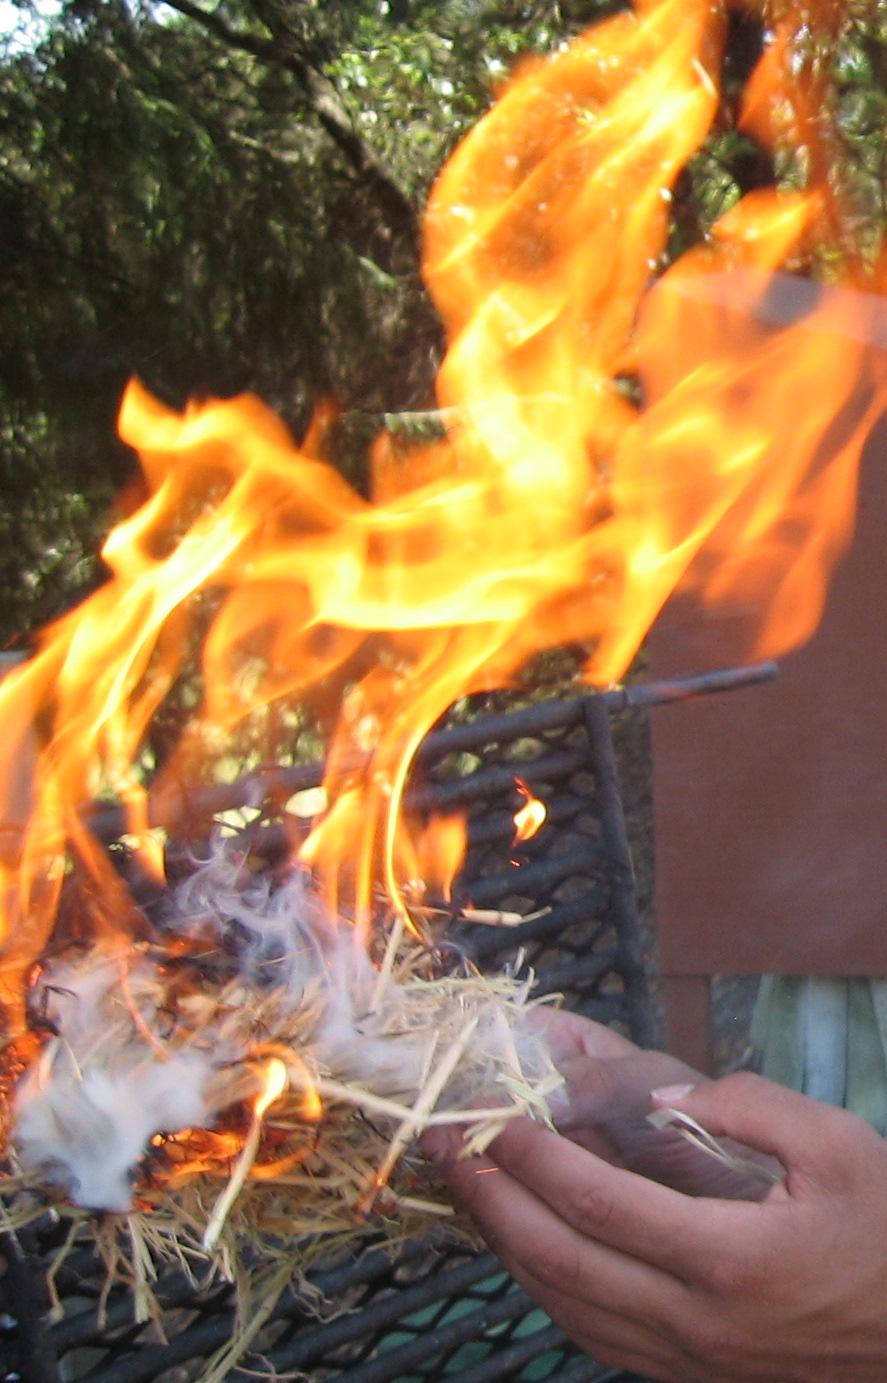 fire-in-hands.jpg